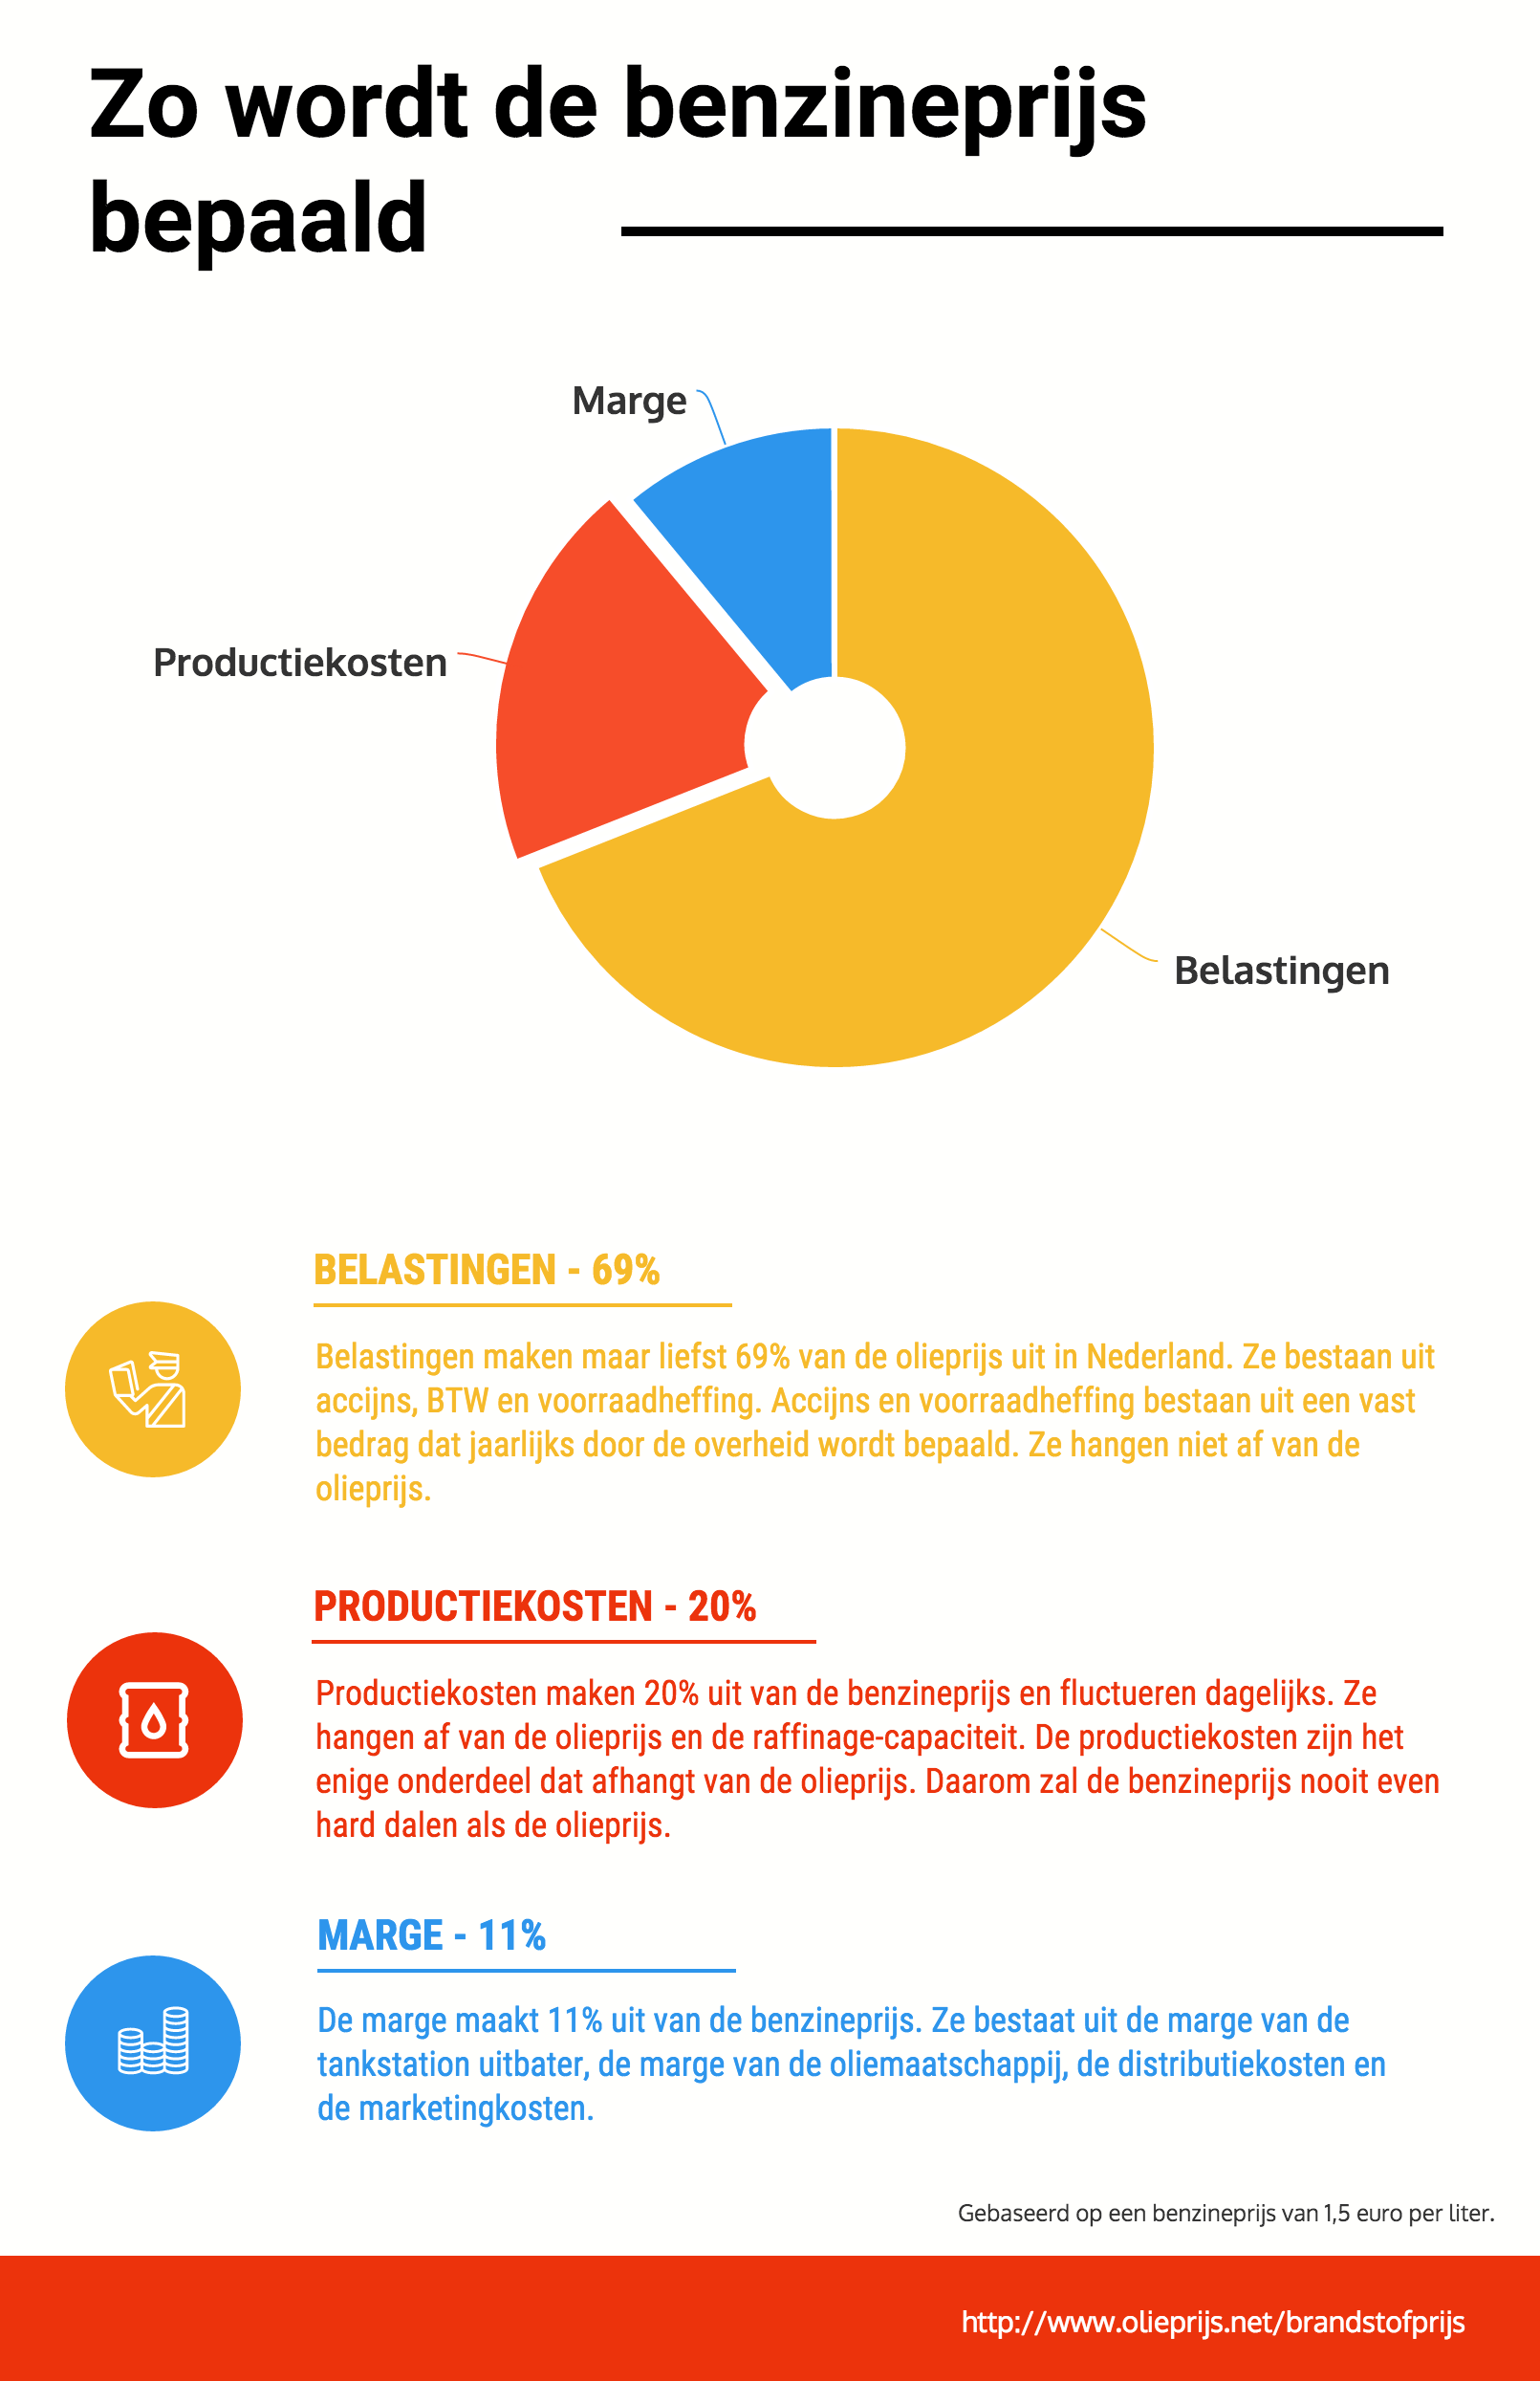 https://www.olieprijs.net/sites/olieprijs/files/infographics/benzineprijs-infographic.png